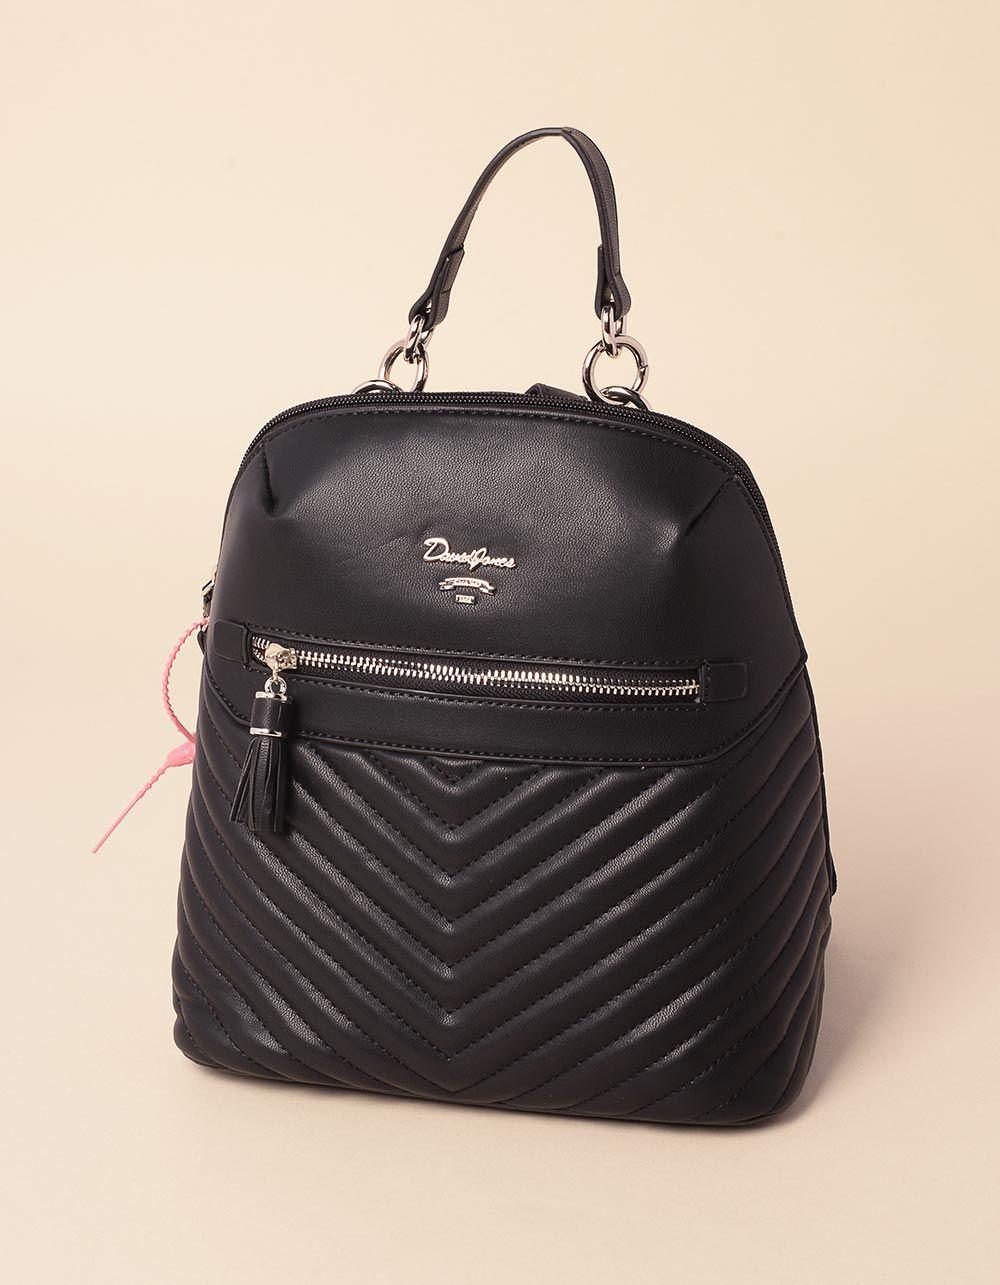 Рюкзак на блискавці стьобаний | 237519-02-XX